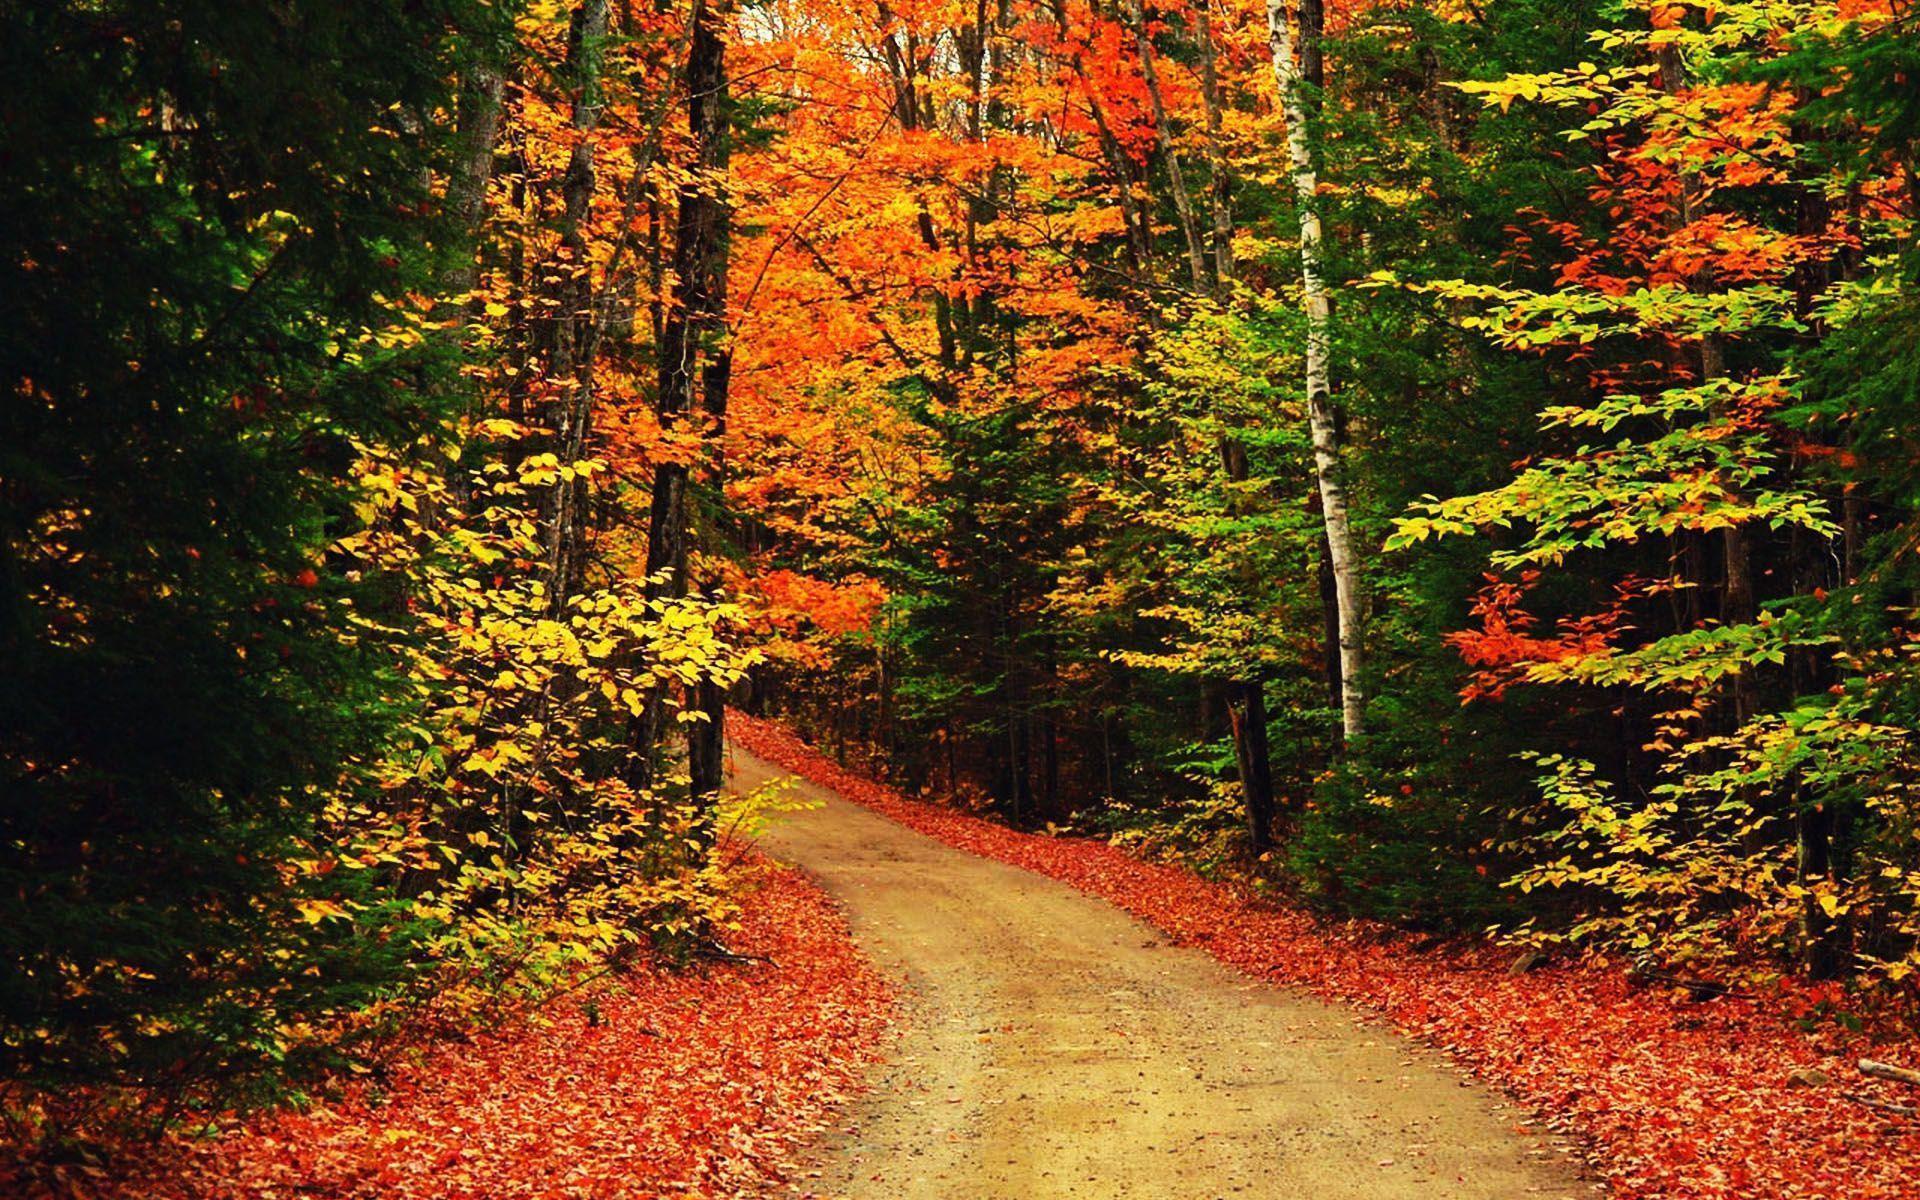 autumn wallpaper 007 free - photo #13